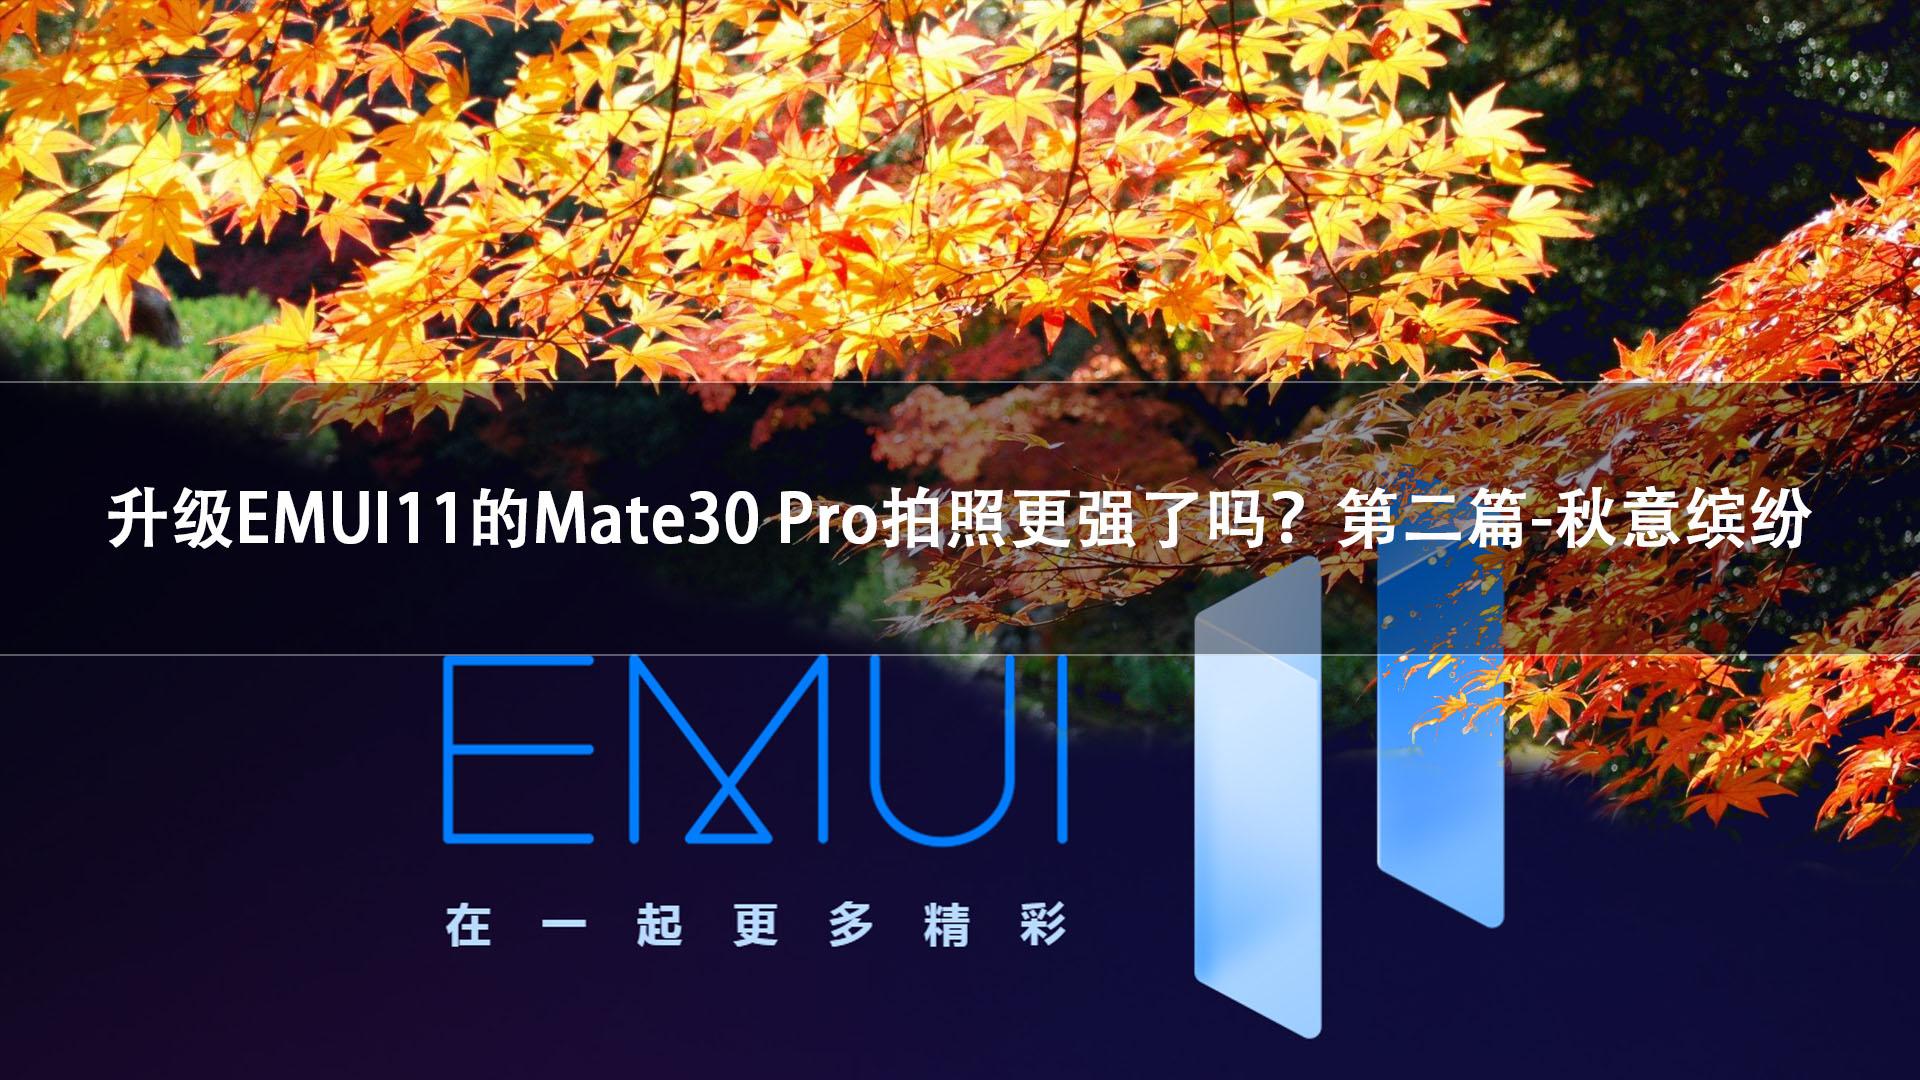 升级EMUI11的Mate30 Pro拍照更强了吗?第二篇-秋日缤纷,华为Mate30系列-花粉俱乐部